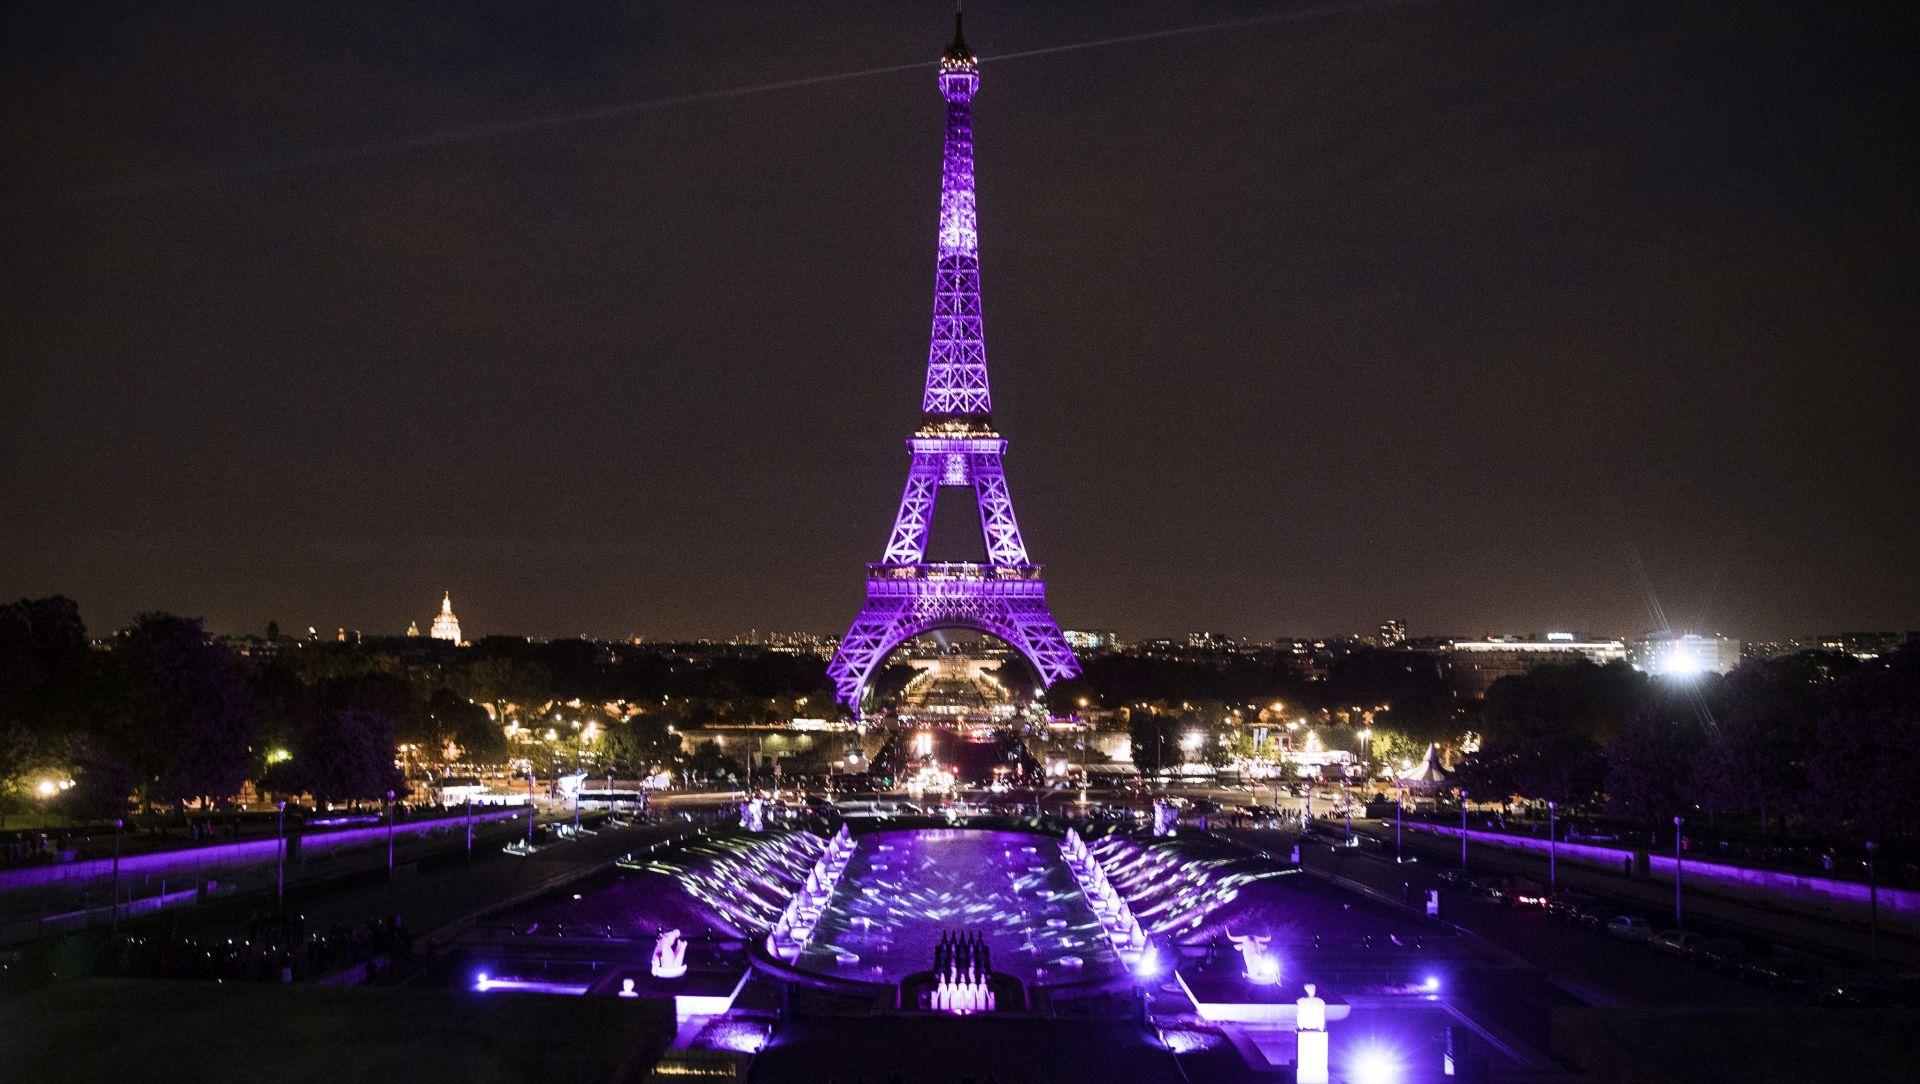 Nastavlja se štrajk osoblja Eiffelova tornja